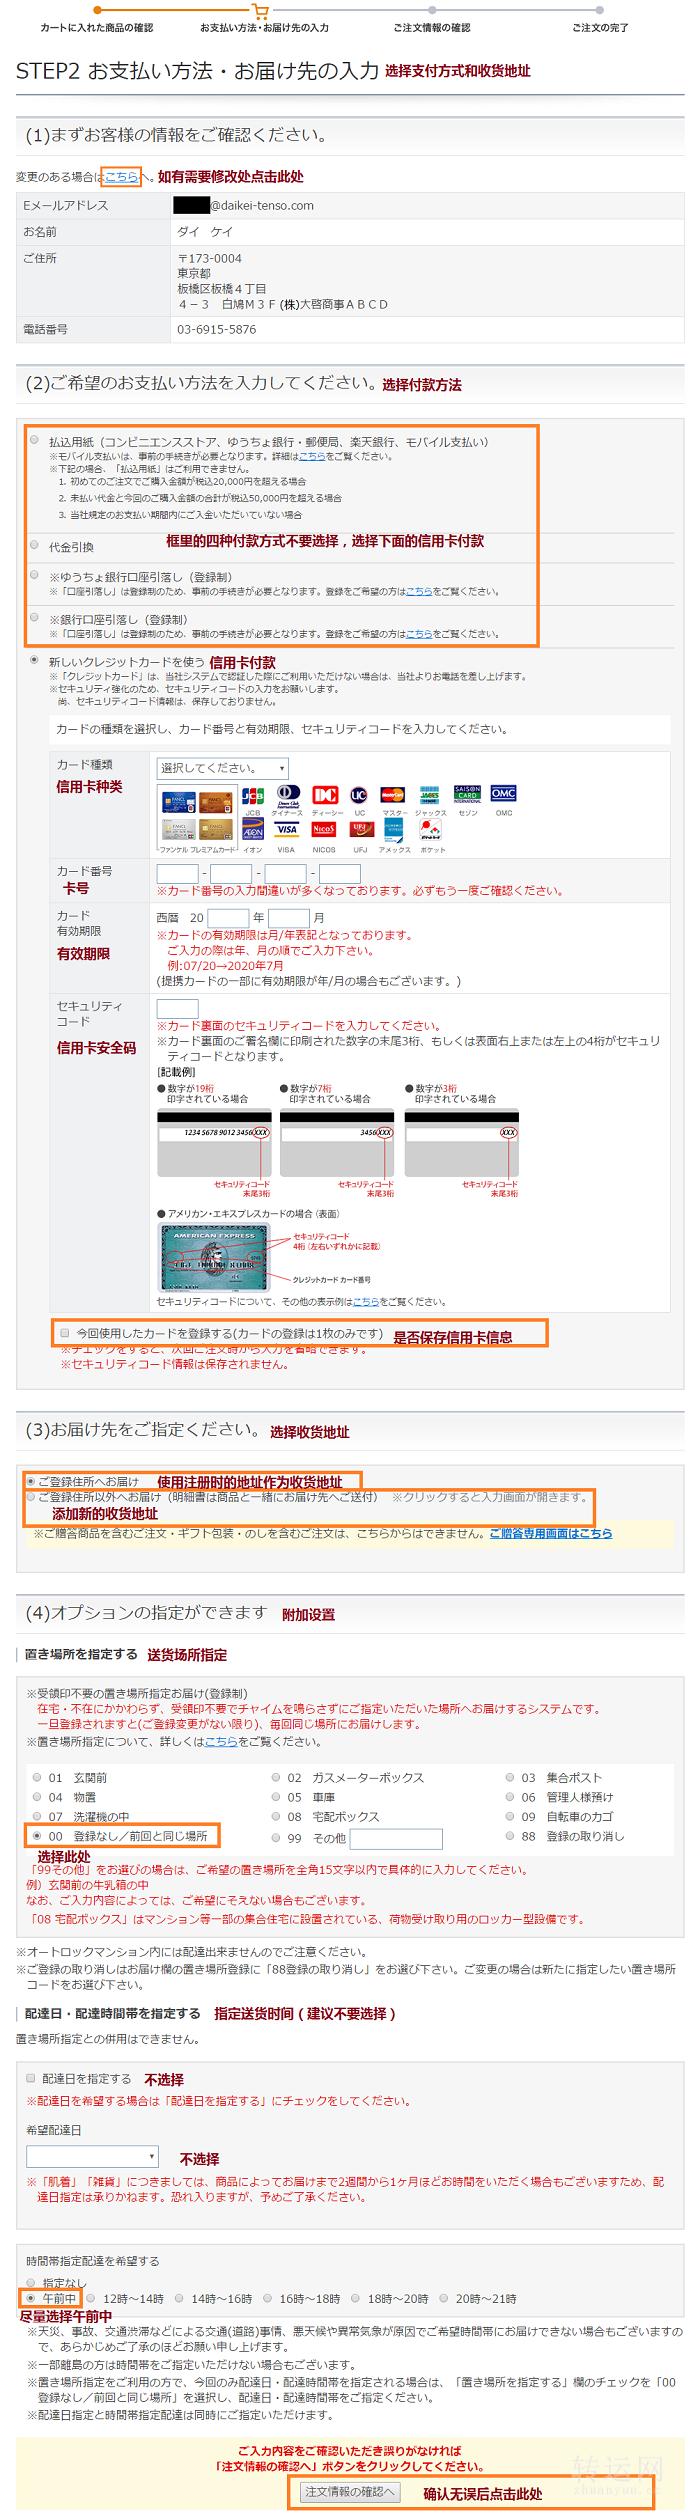 日本FANCL官网注册教程,日本FANCL下单攻略